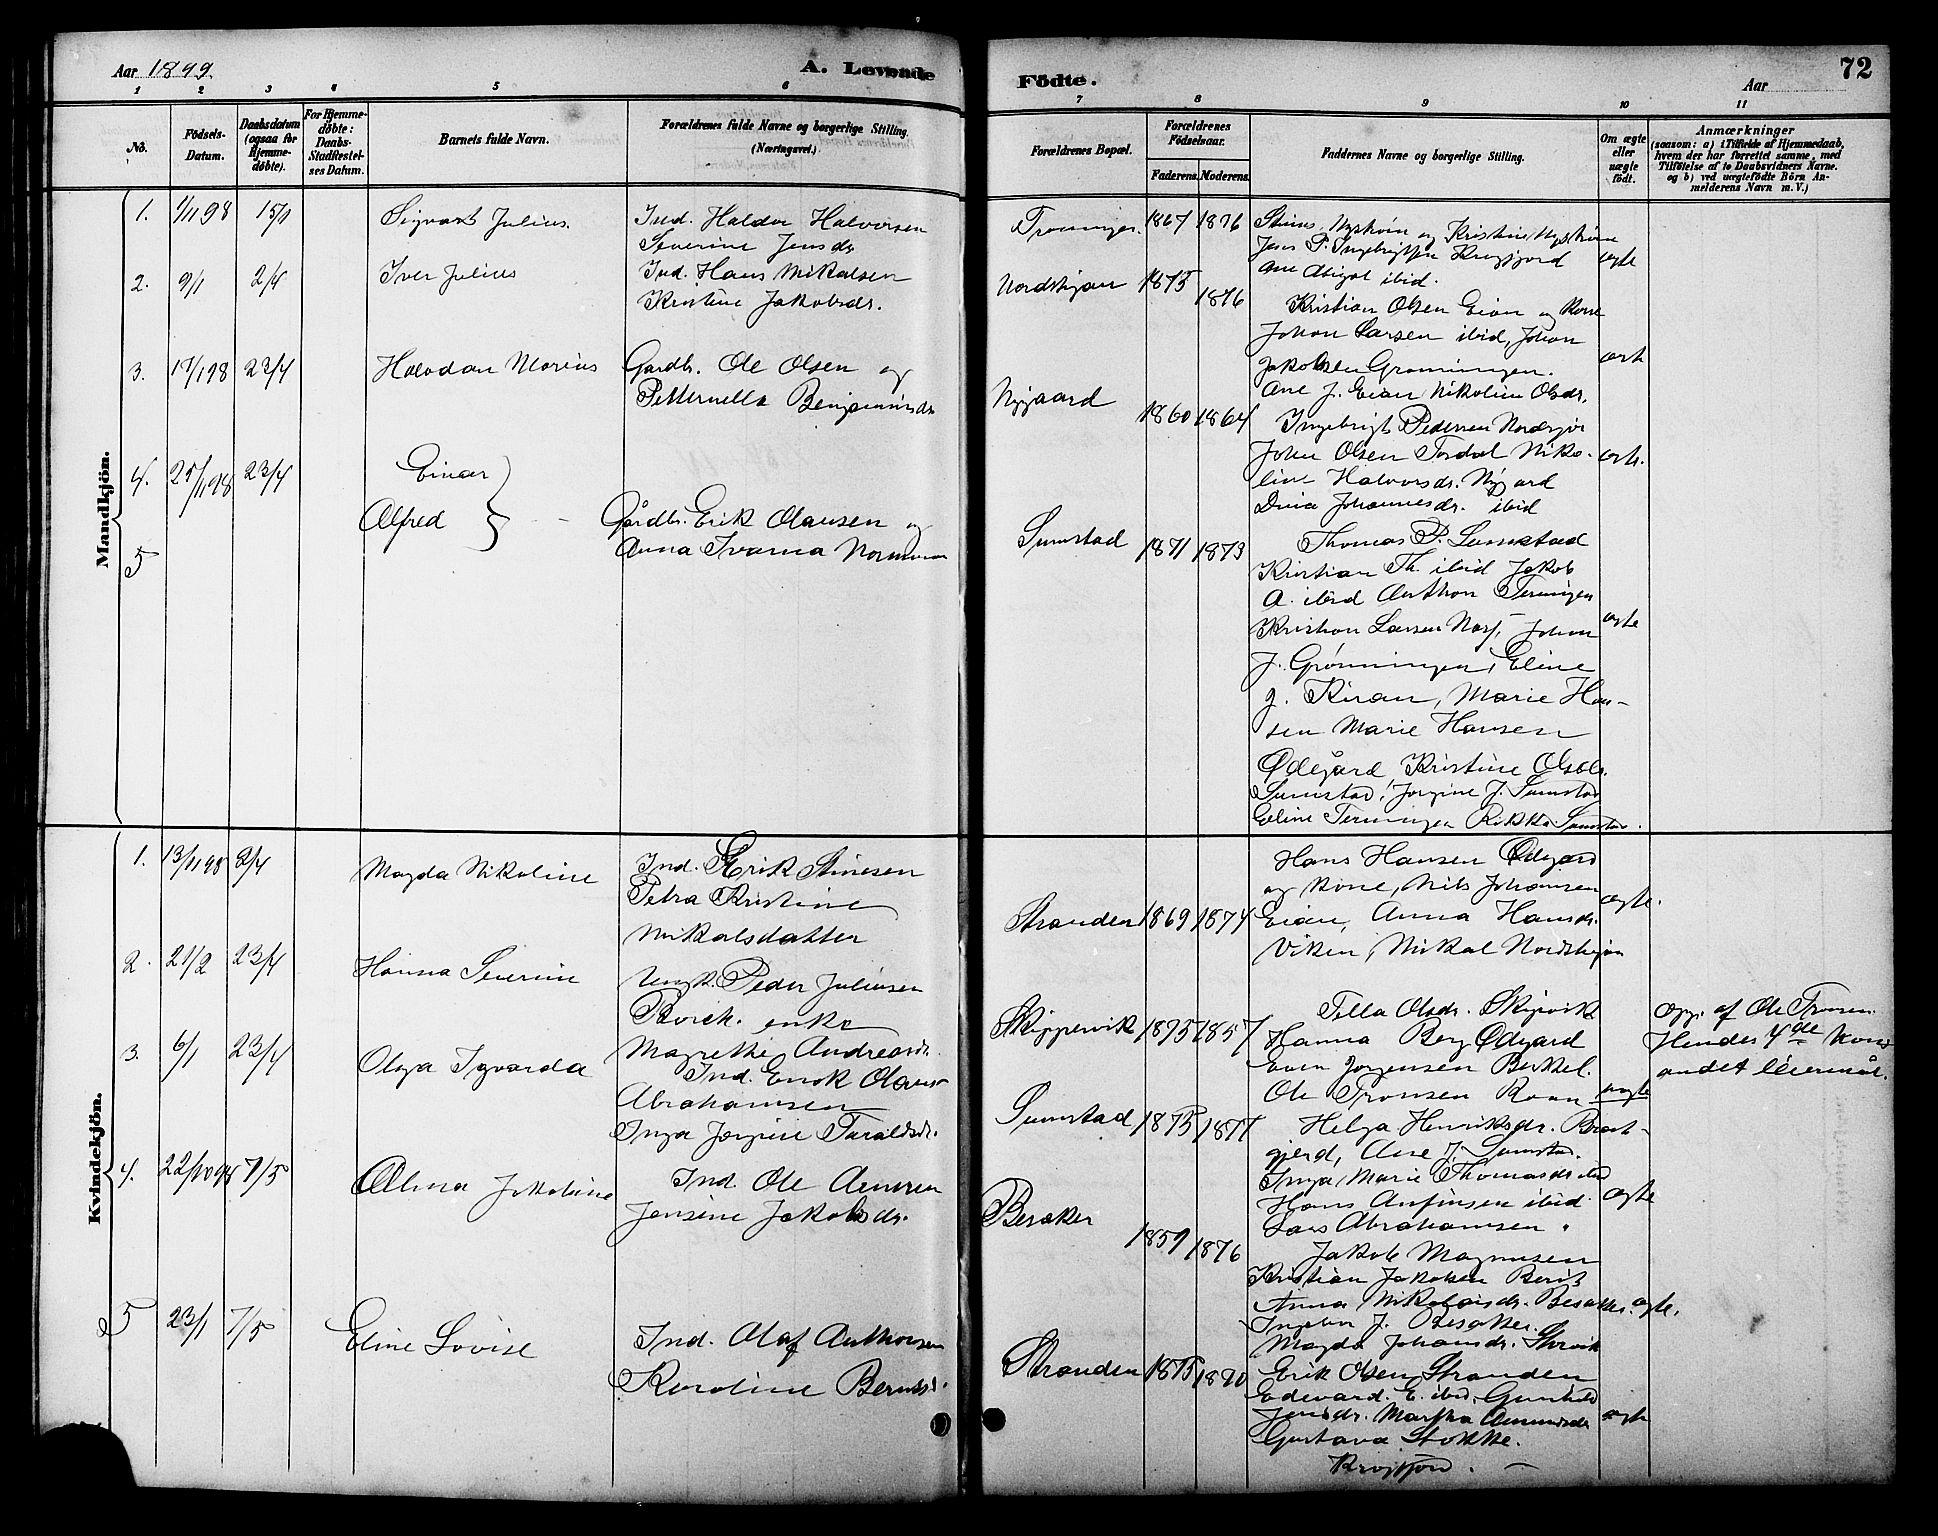 SAT, Ministerialprotokoller, klokkerbøker og fødselsregistre - Sør-Trøndelag, 657/L0716: Klokkerbok nr. 657C03, 1889-1904, s. 72